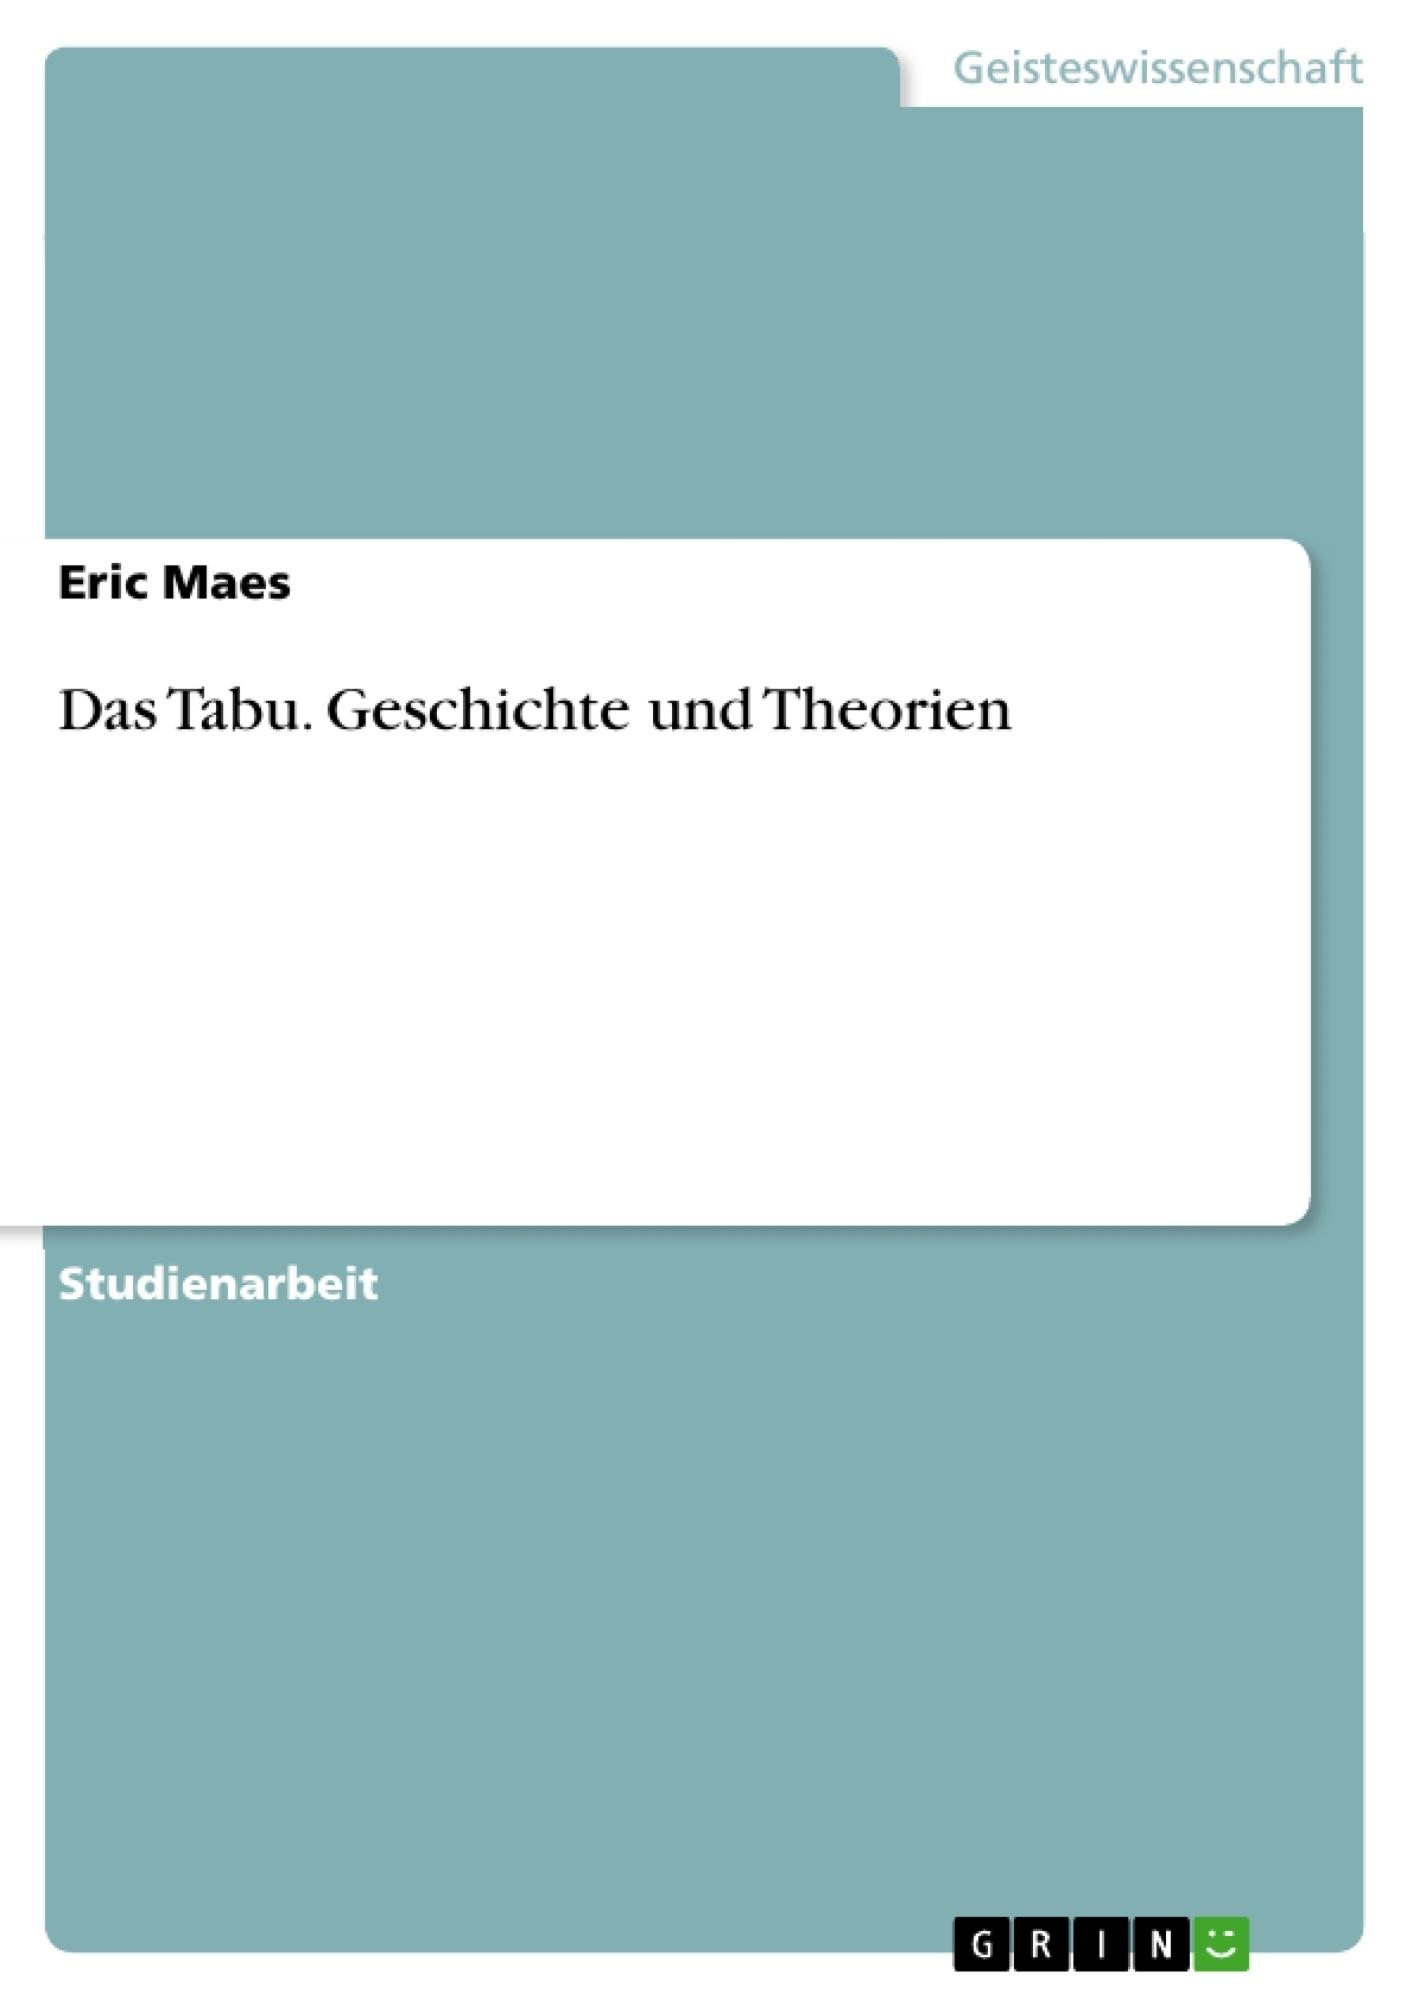 Titel: Das Tabu. Geschichte und Theorien